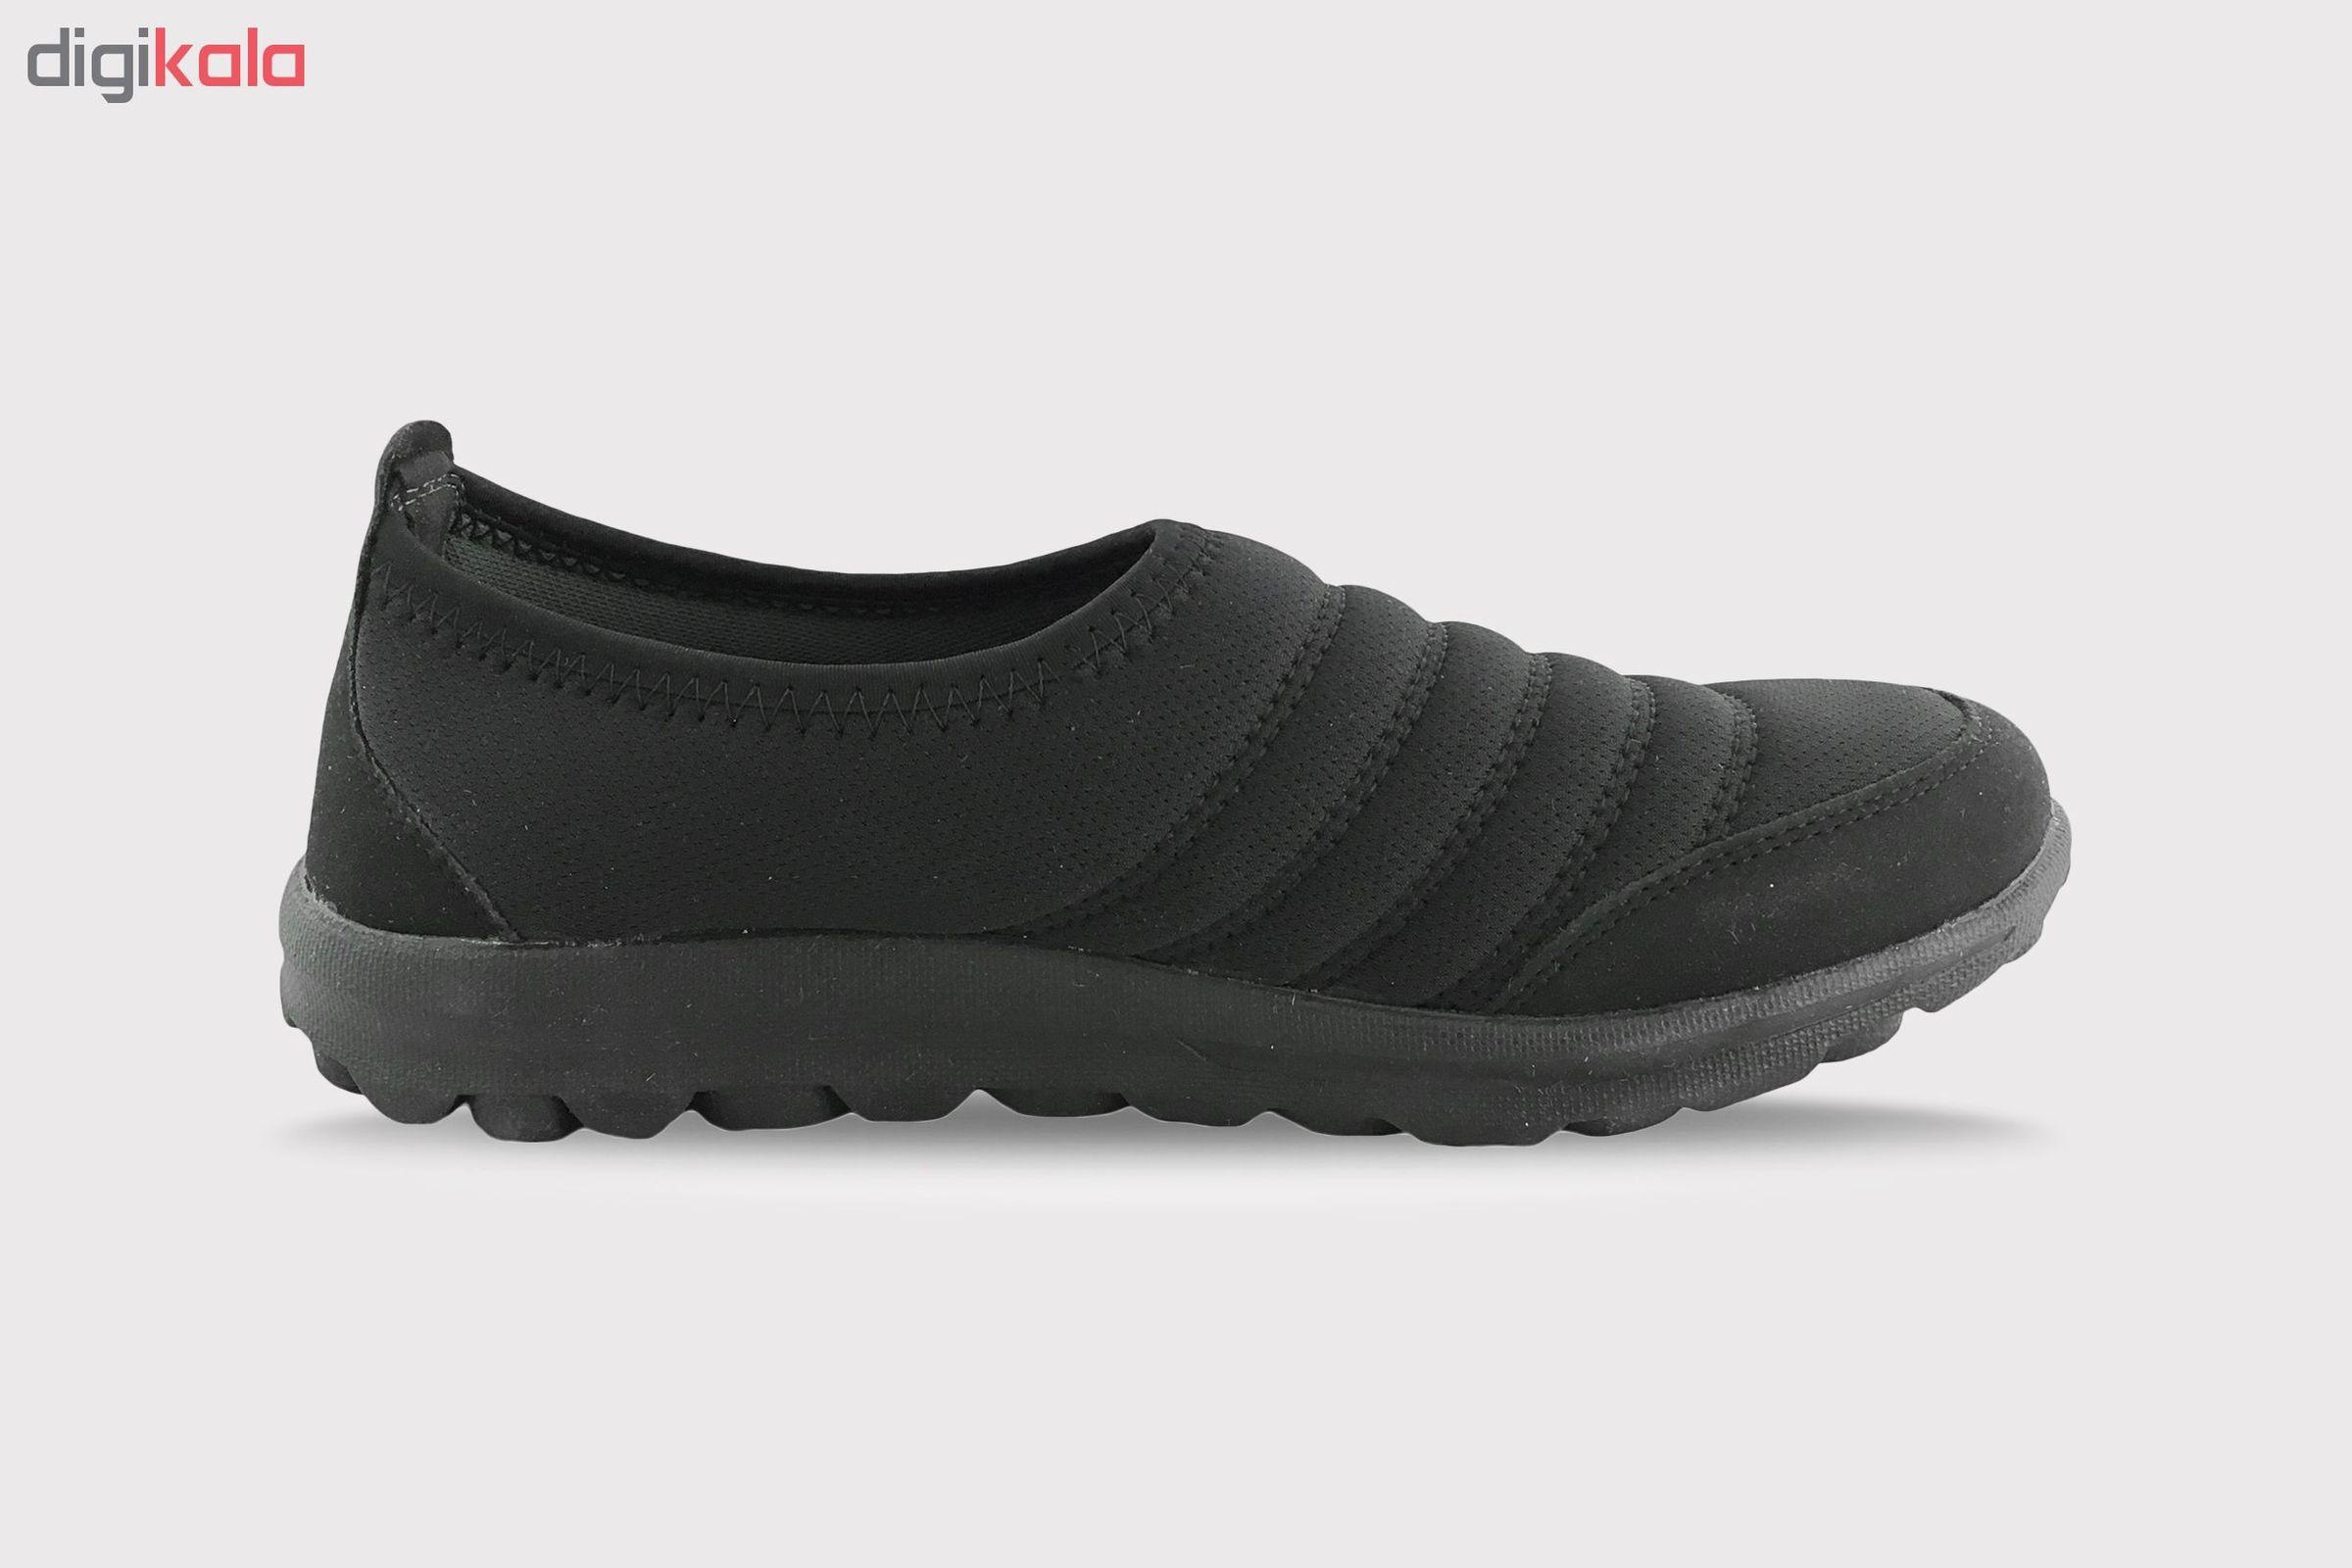 کفش مخصوص پیاده روی زنانه مدل چپان کد 4079 main 1 2